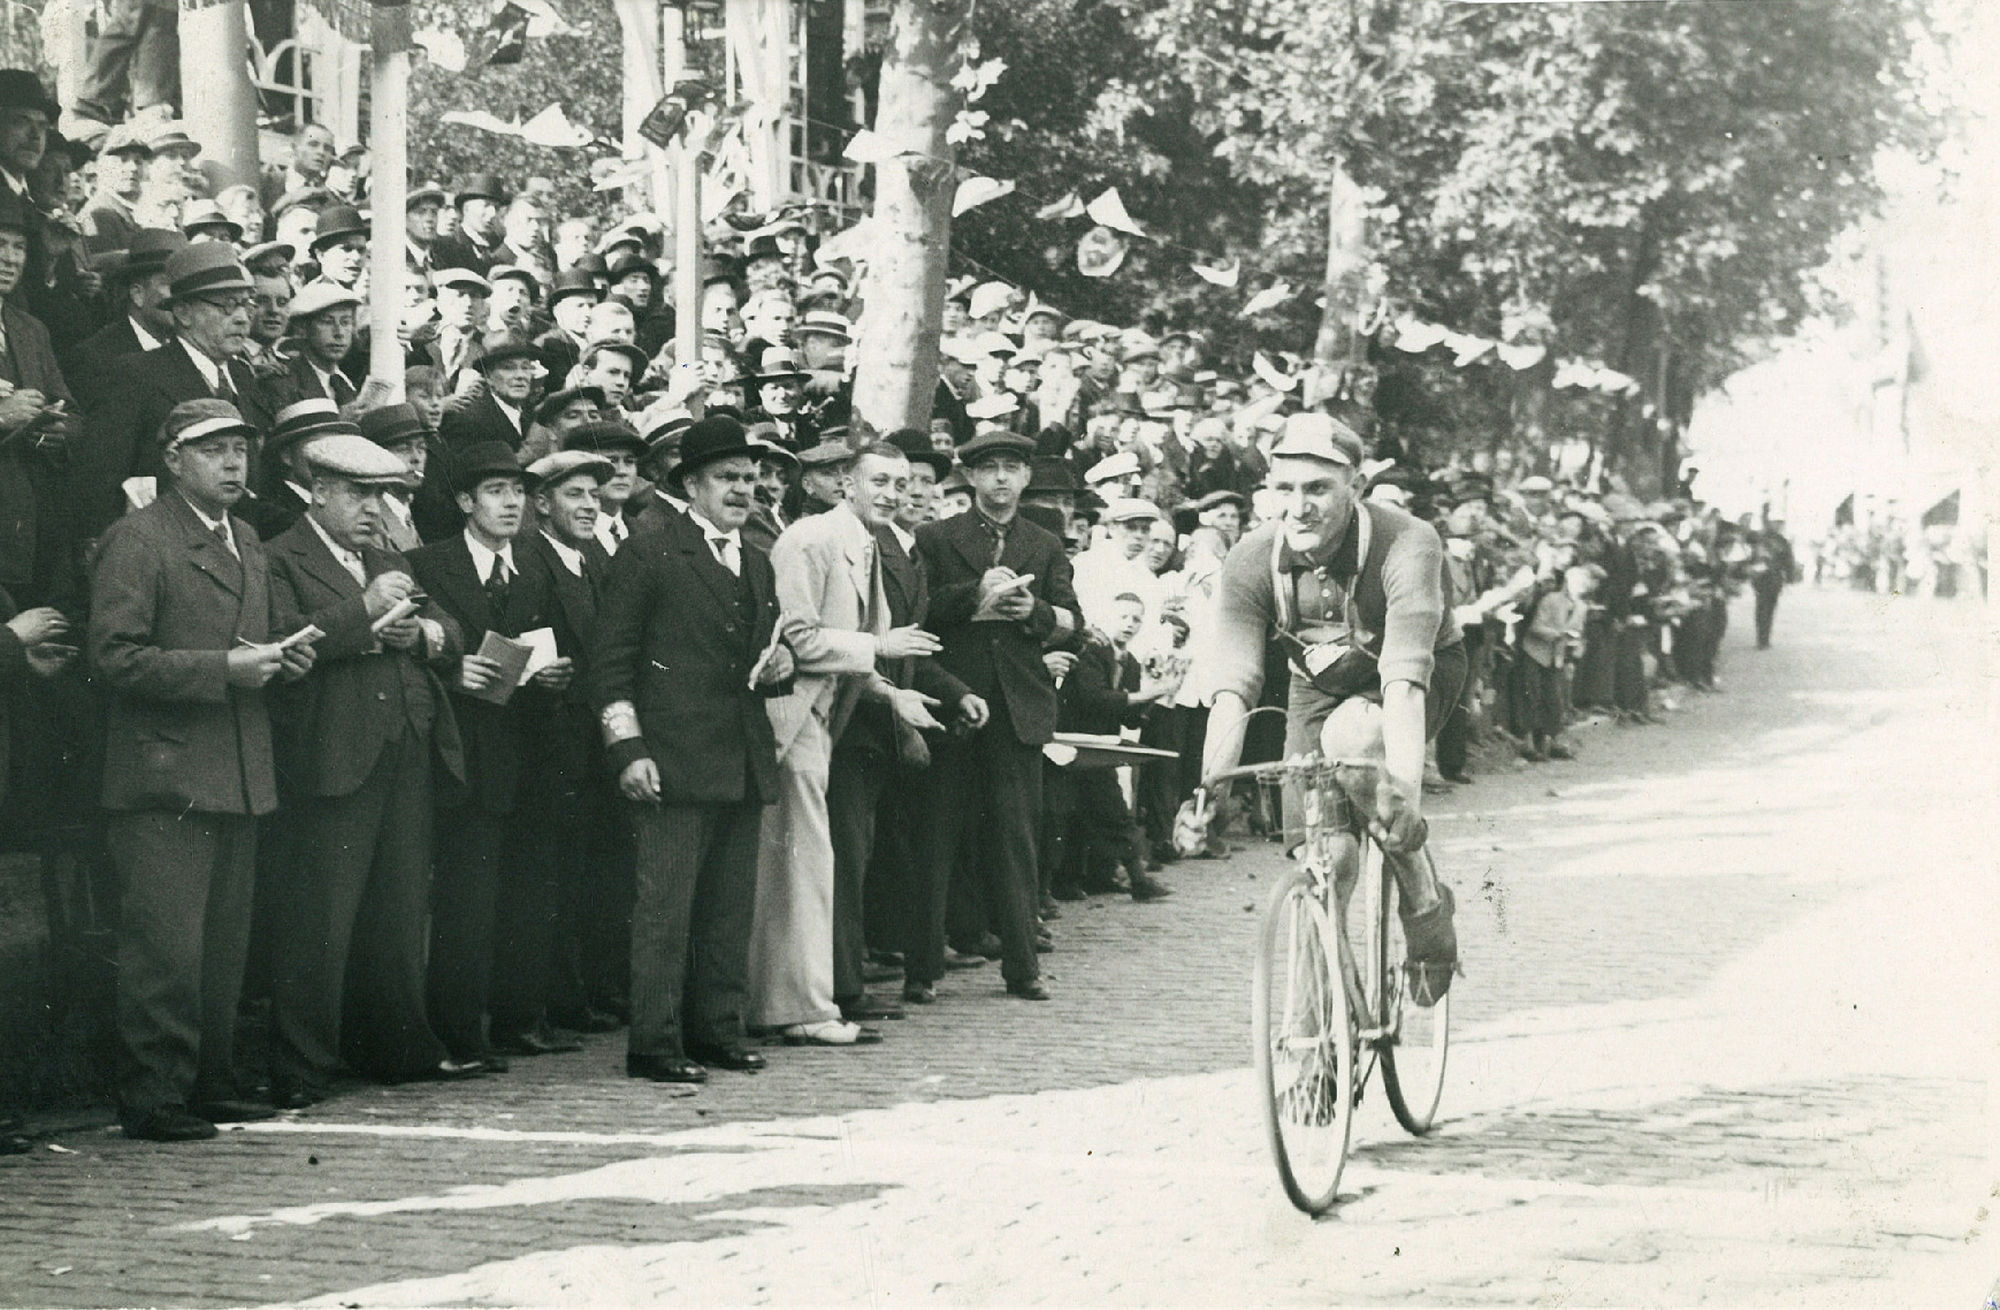 Wielrenner Dooms in 1938